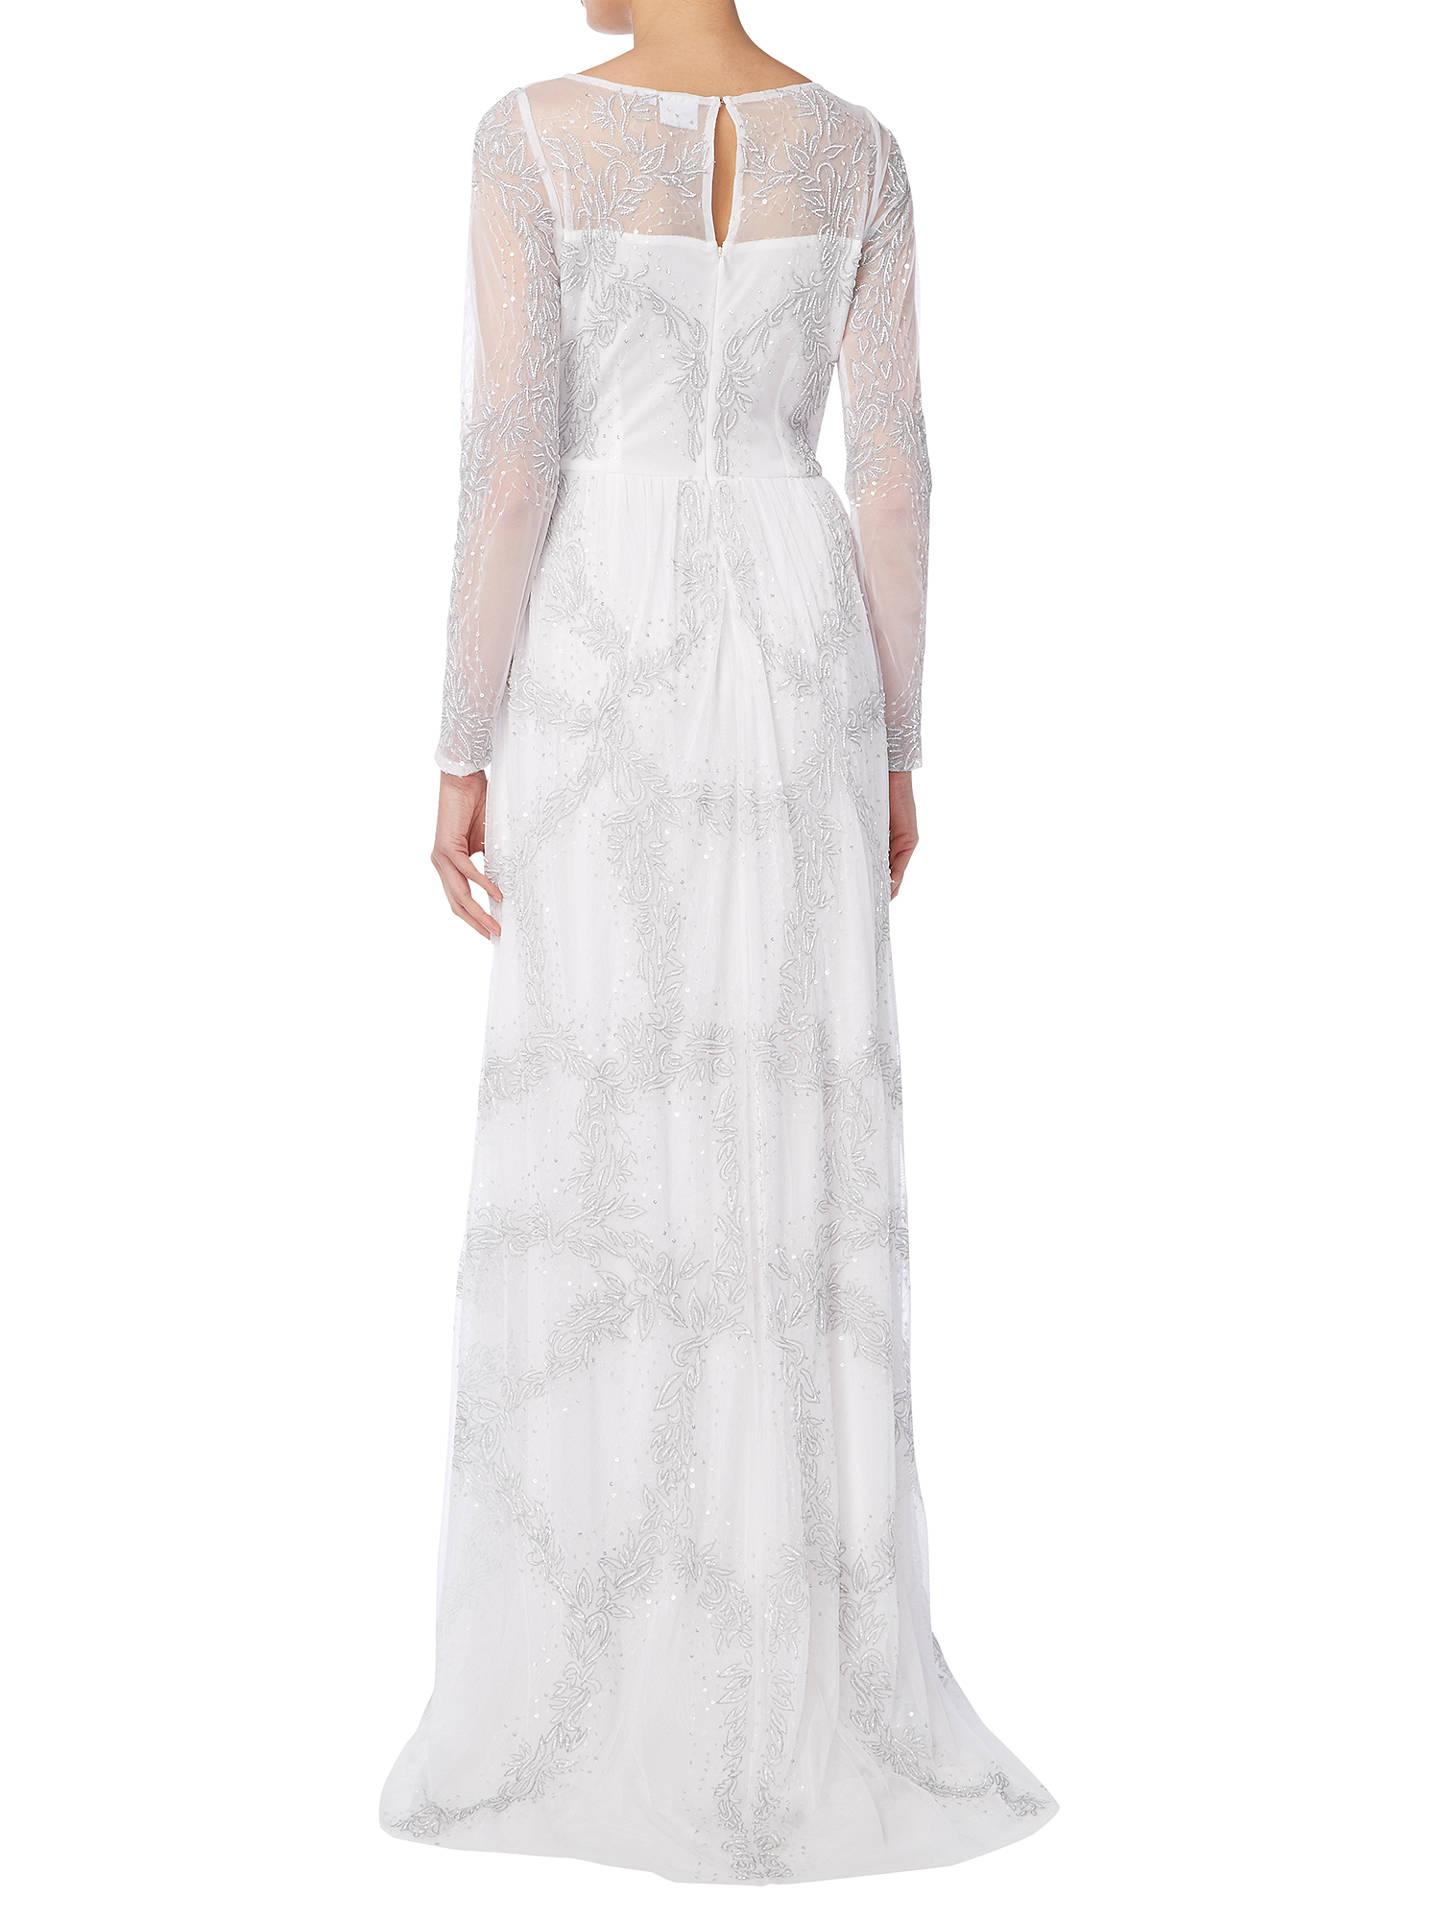 Raishma Full Sleeve Embellished Bridal Gown, Ivory at John Lewis ...